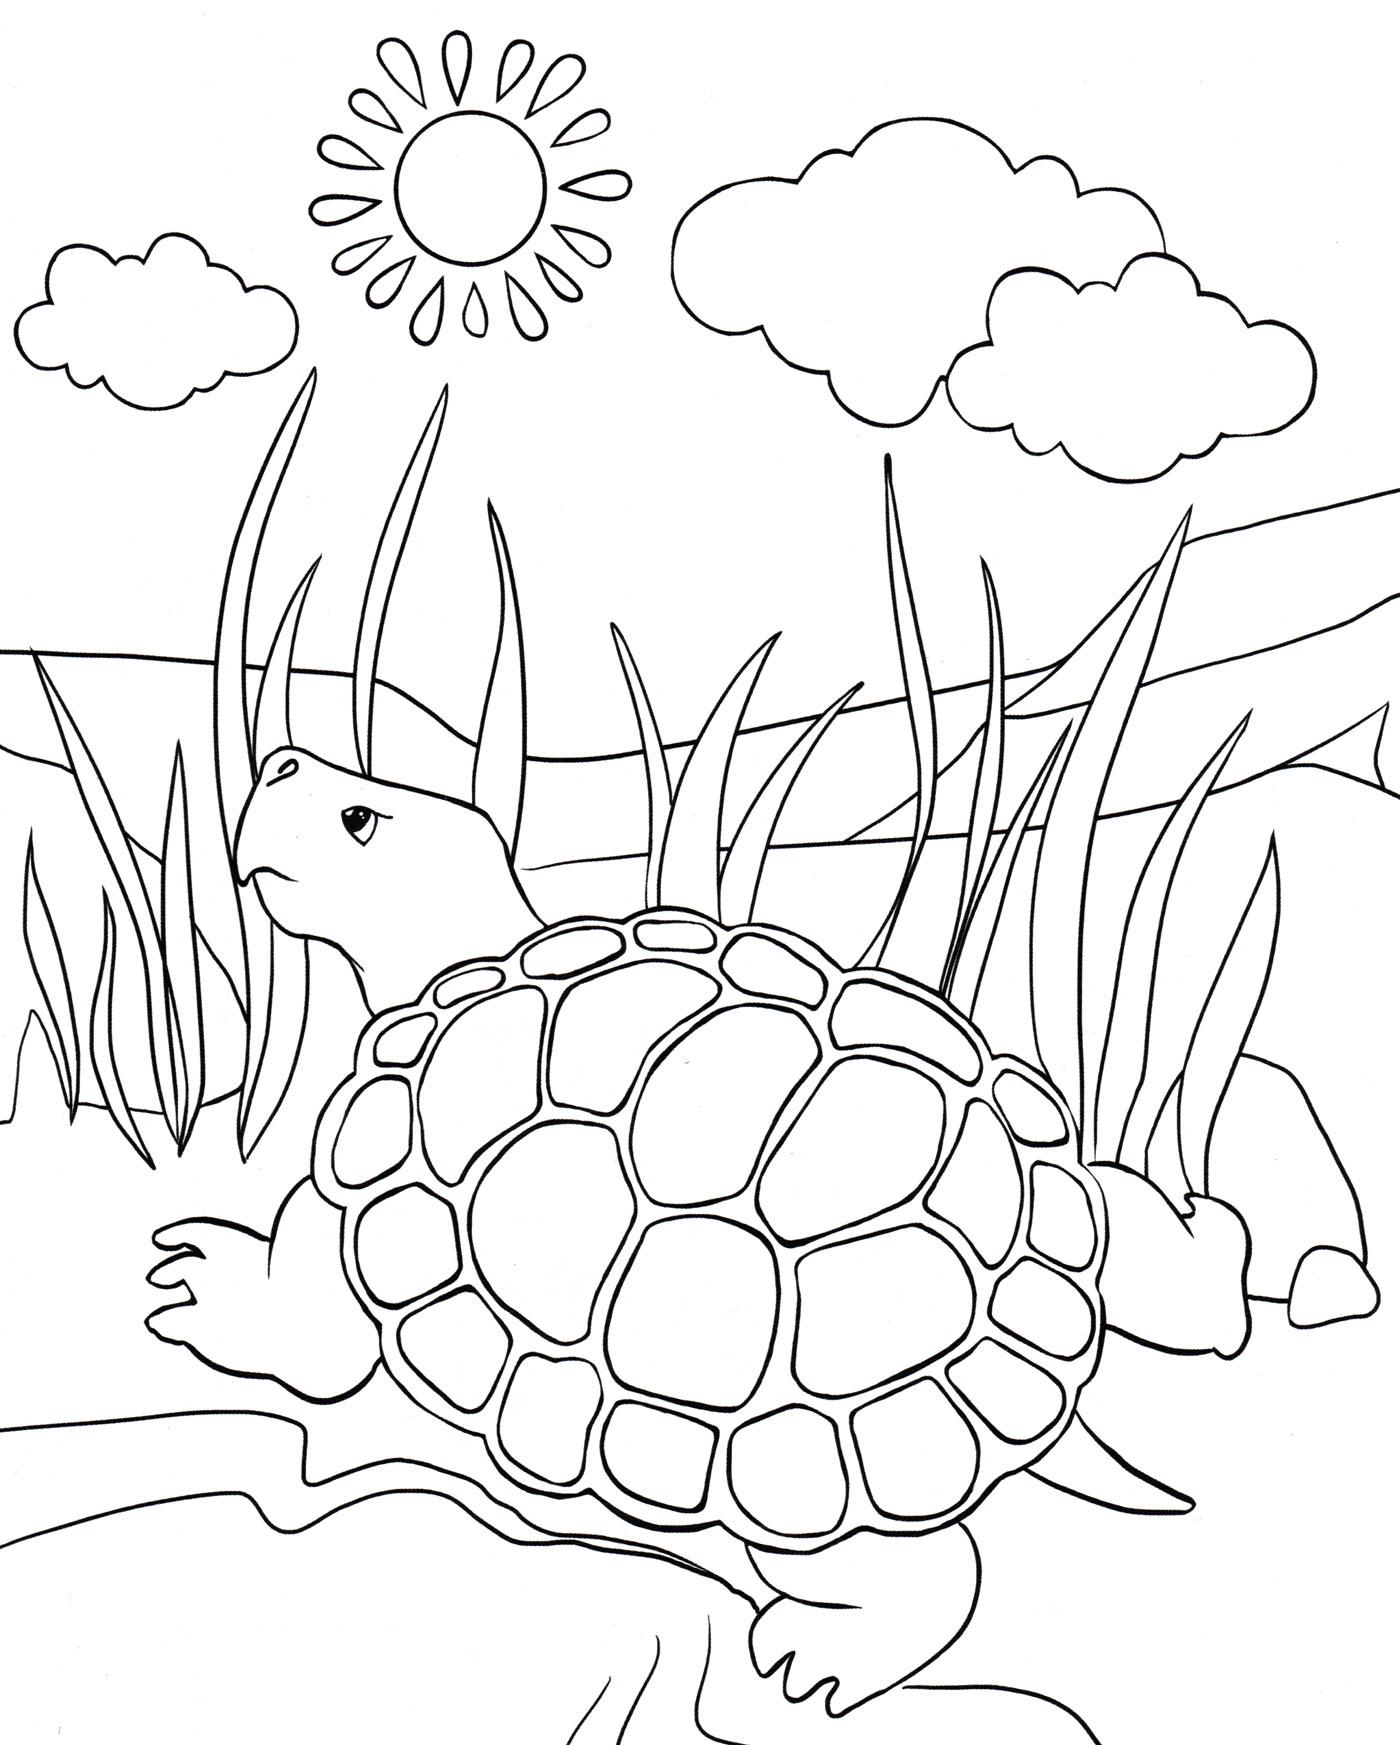 Раскраска Черепаха греется на солнце - распечатать бесплатно